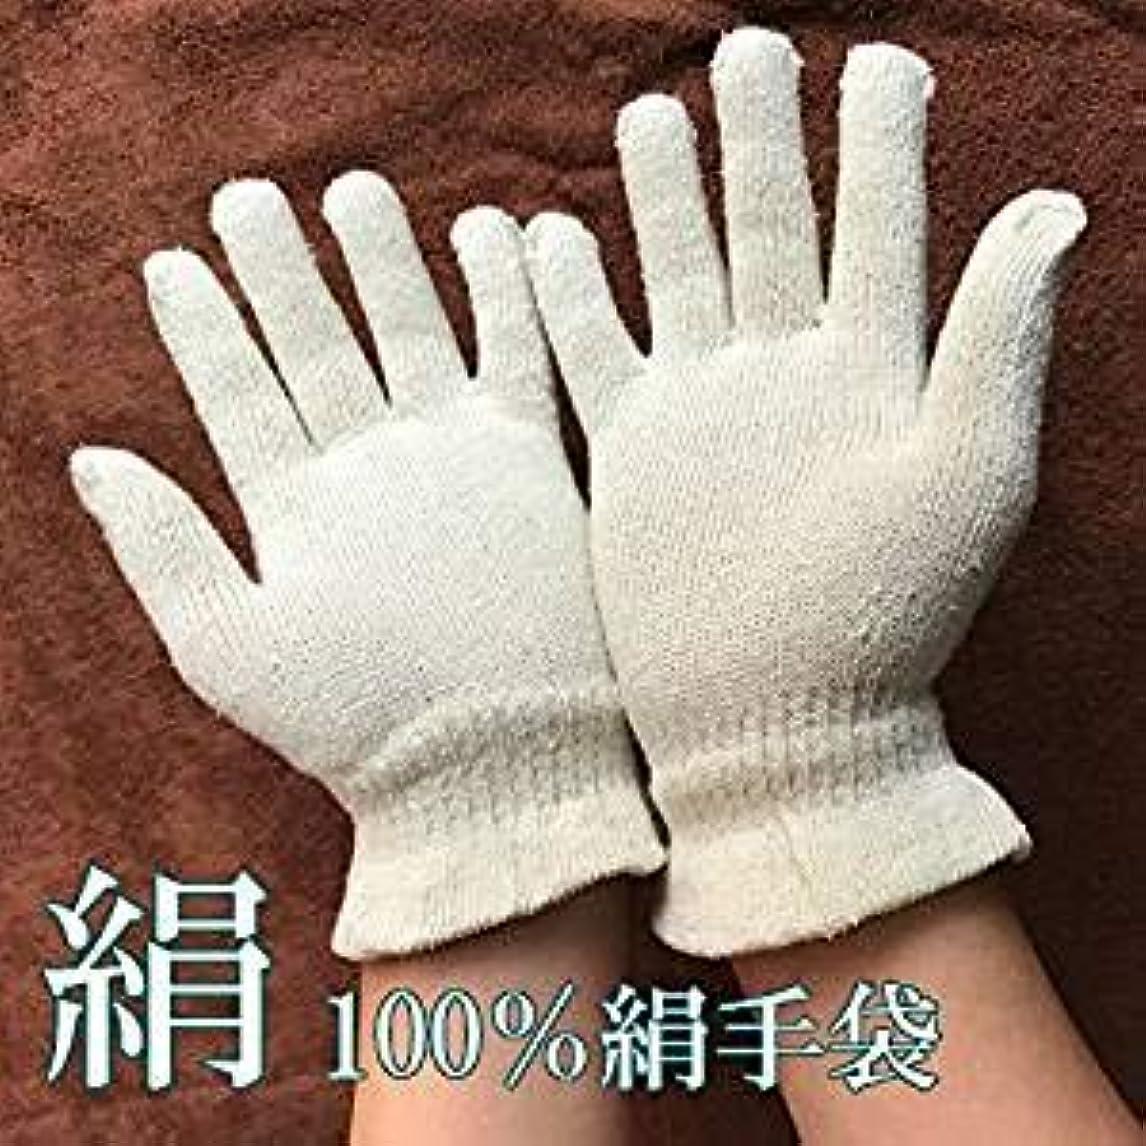 投資するインストール専制絹手袋2枚セット【ガルシャナ アーユルヴェーダ】カパ体質 おやすみ手袋 丈夫 手荒れケア 絹手袋 シルク手袋